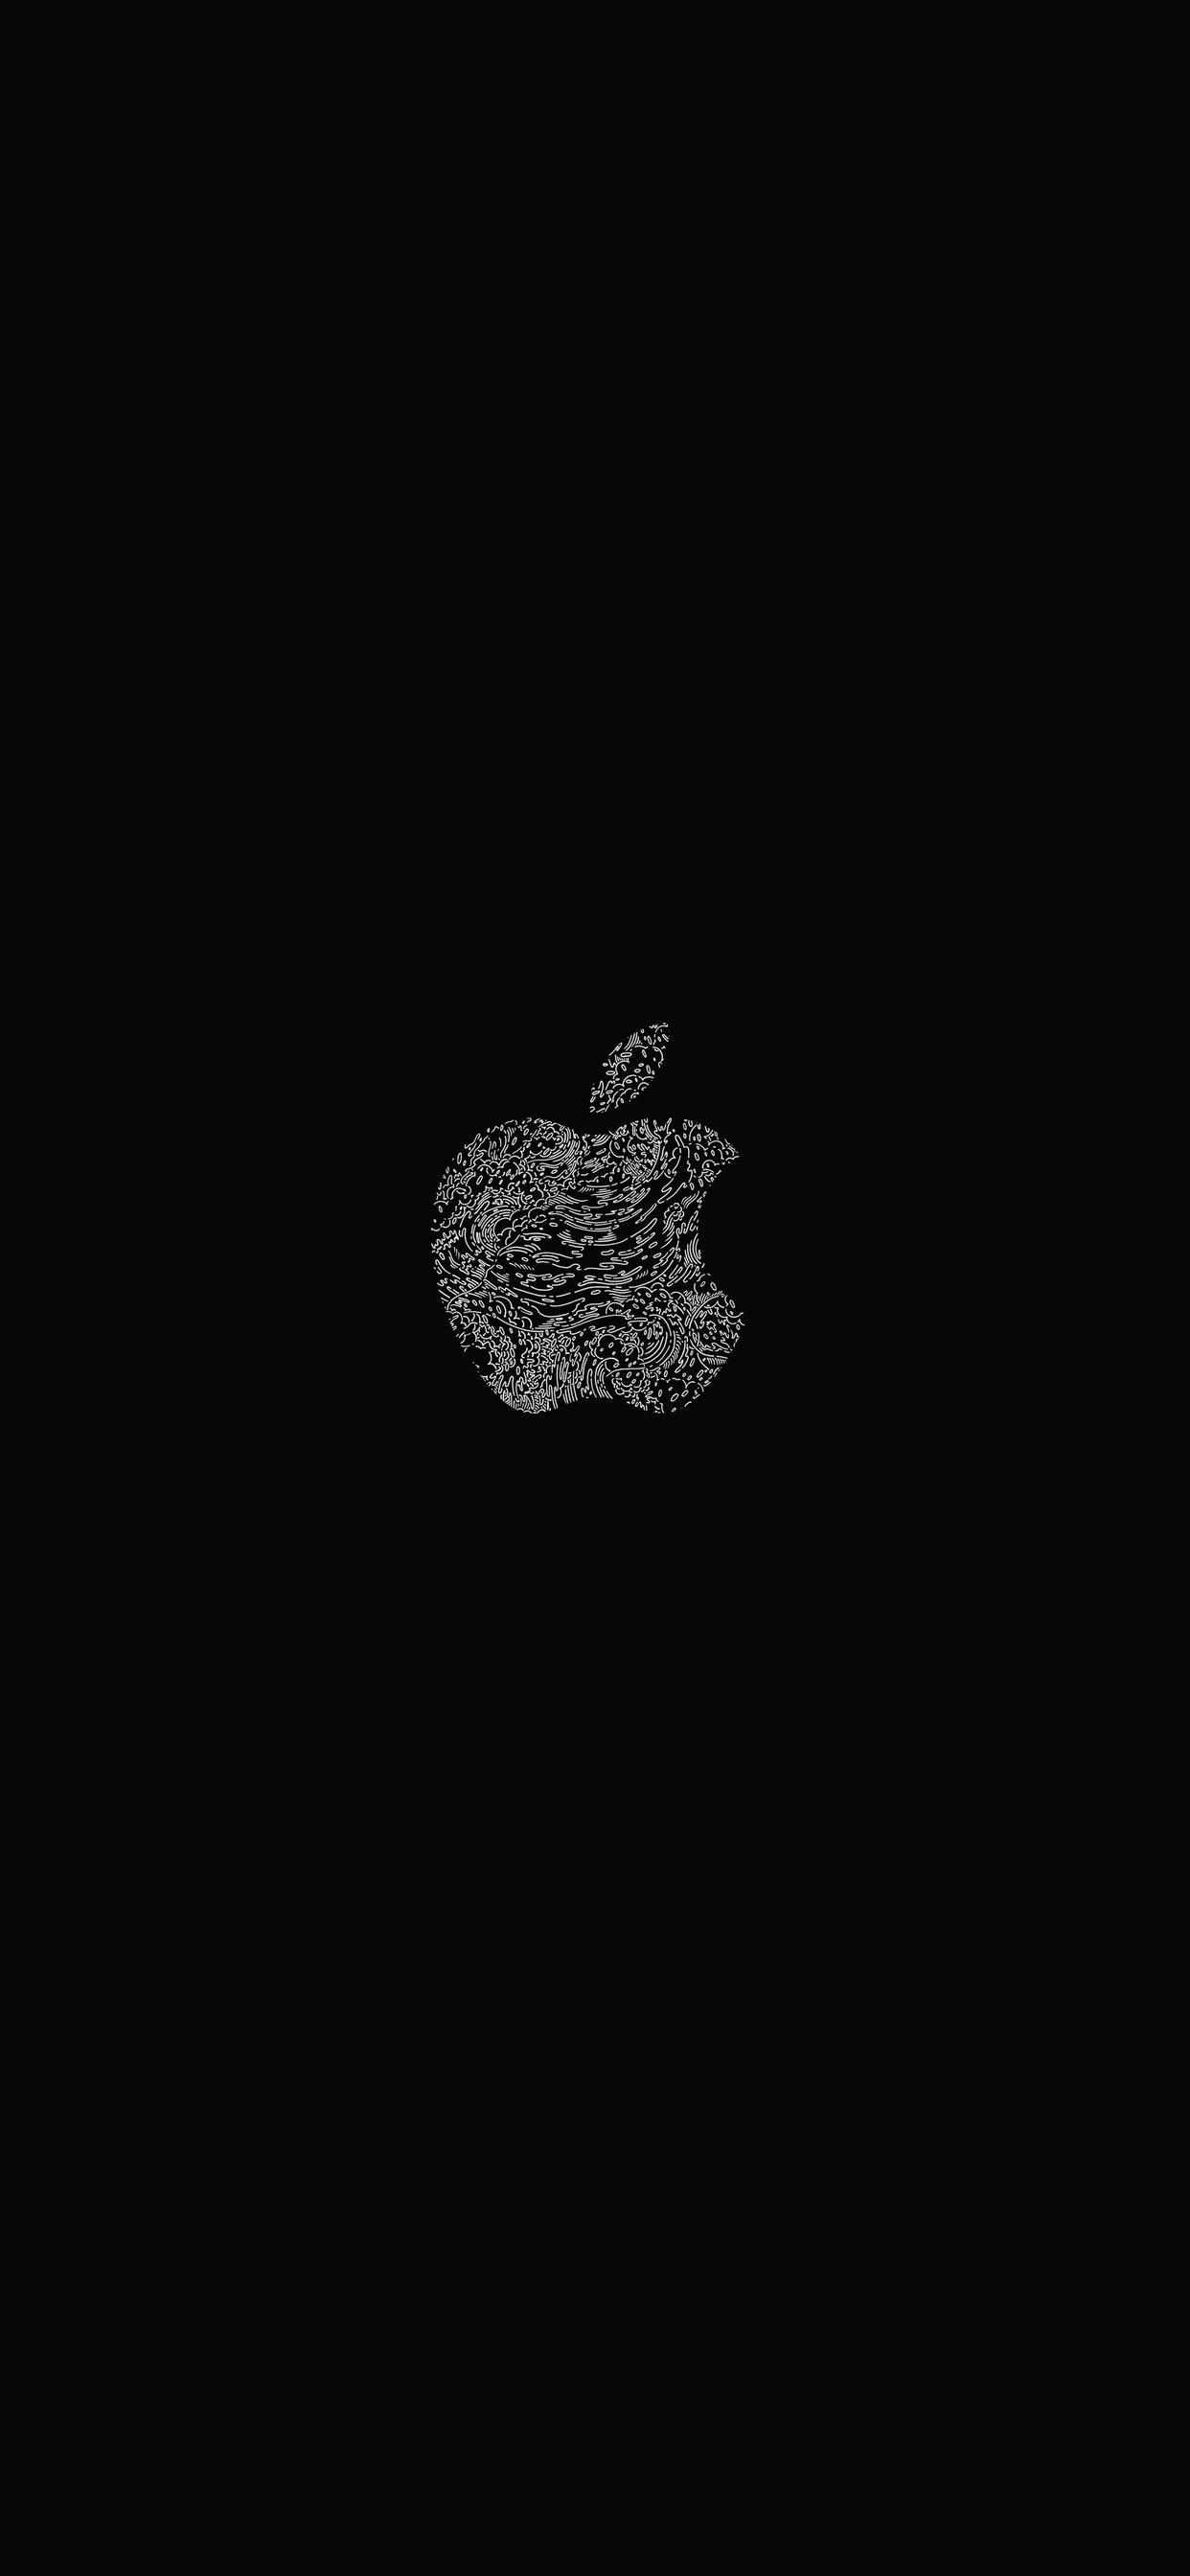 iPhone wallpaper apple logo 11 Fonds décran noirs avec le logo Apple en très haute résolution